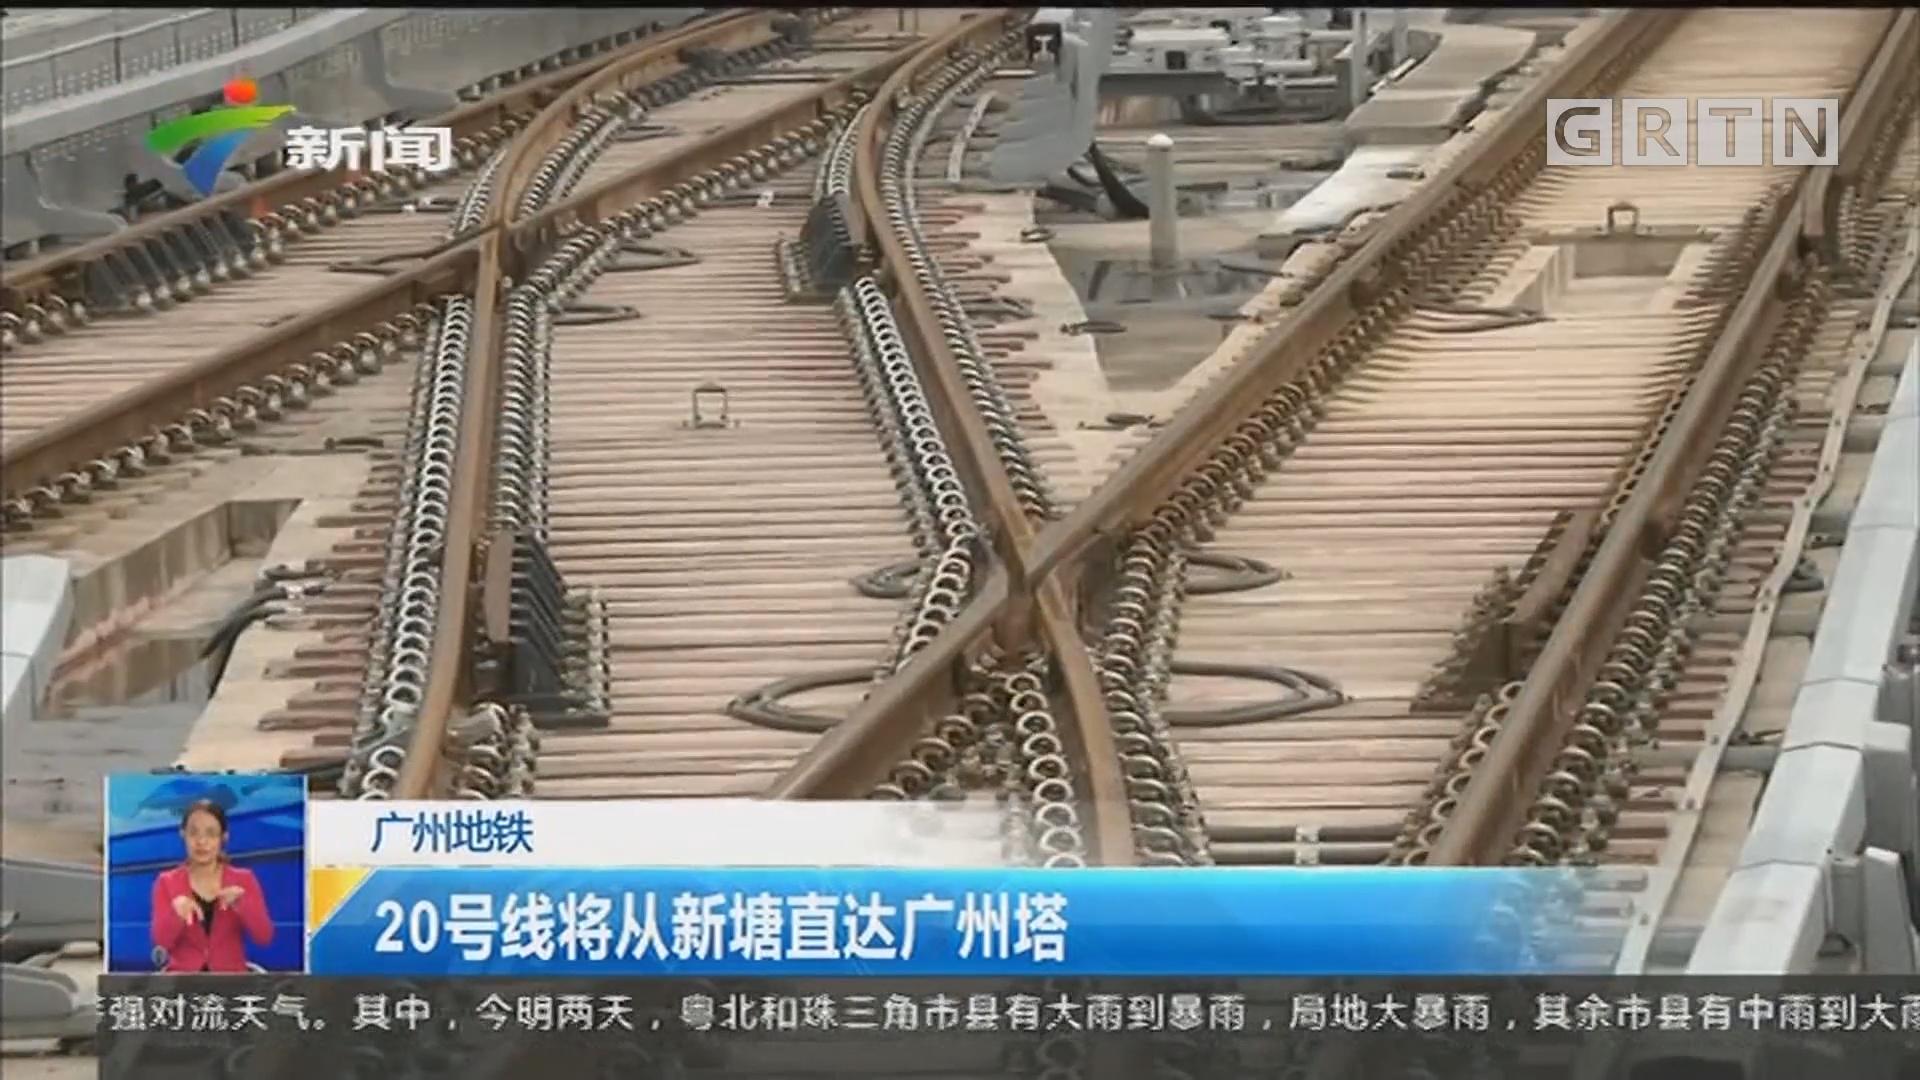 广州地铁:20号线将从新塘直达广州塔